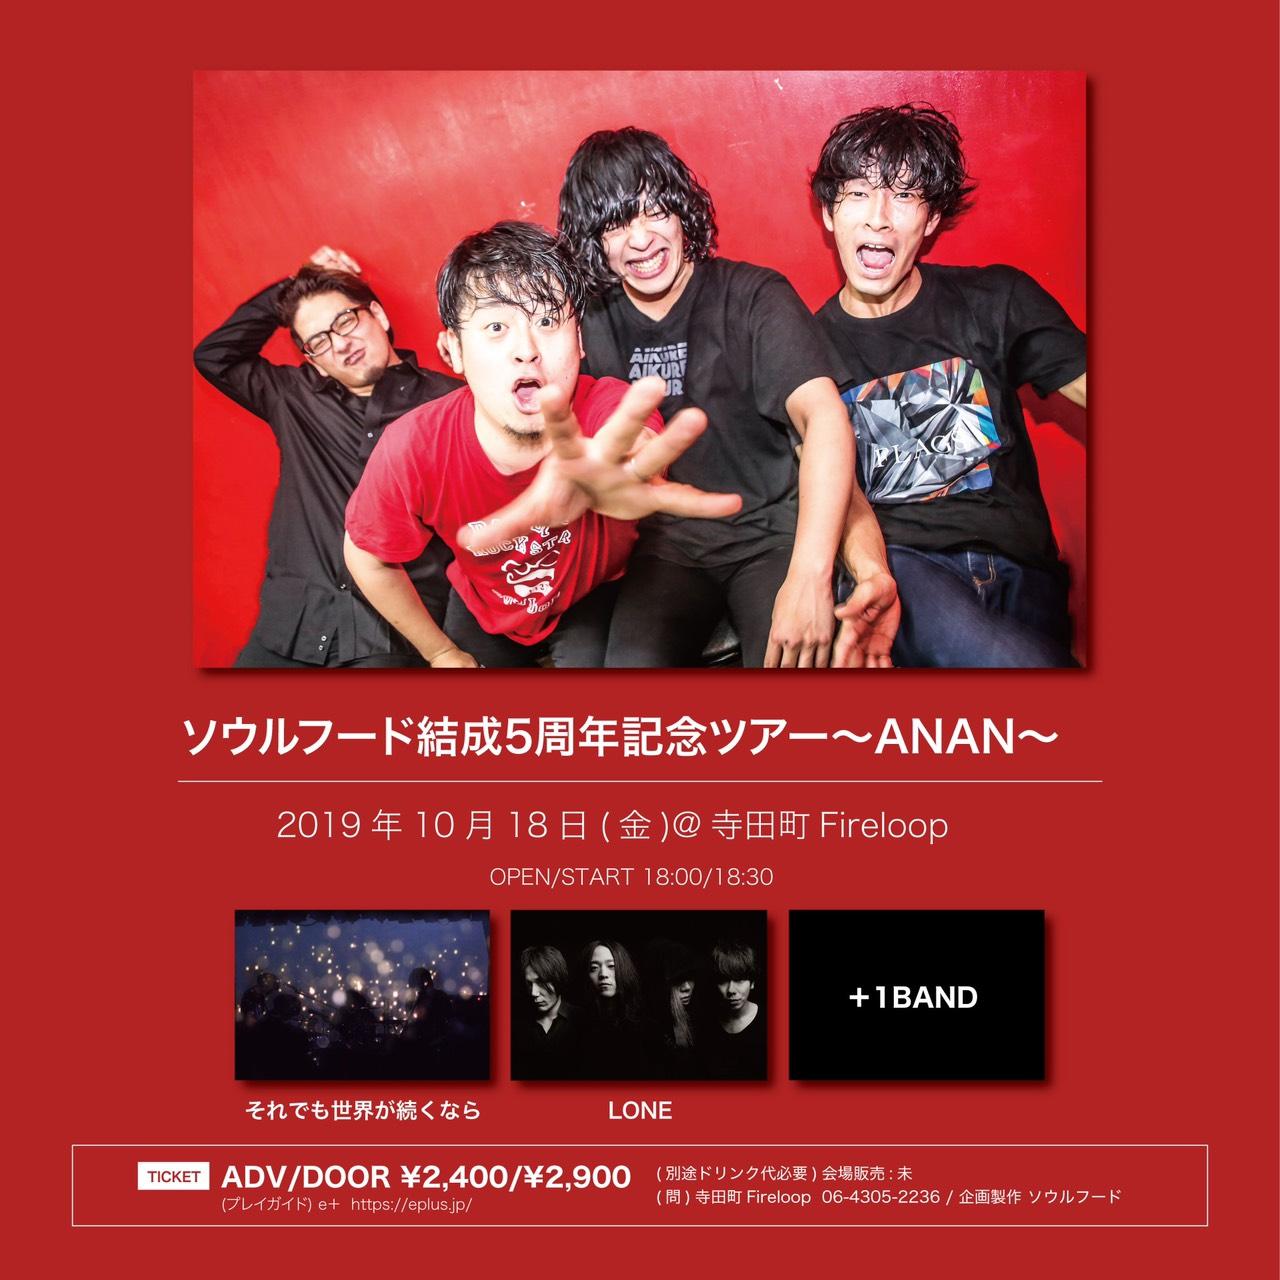 『ソウルフード結成5周年記念ツアー~ANAN~』